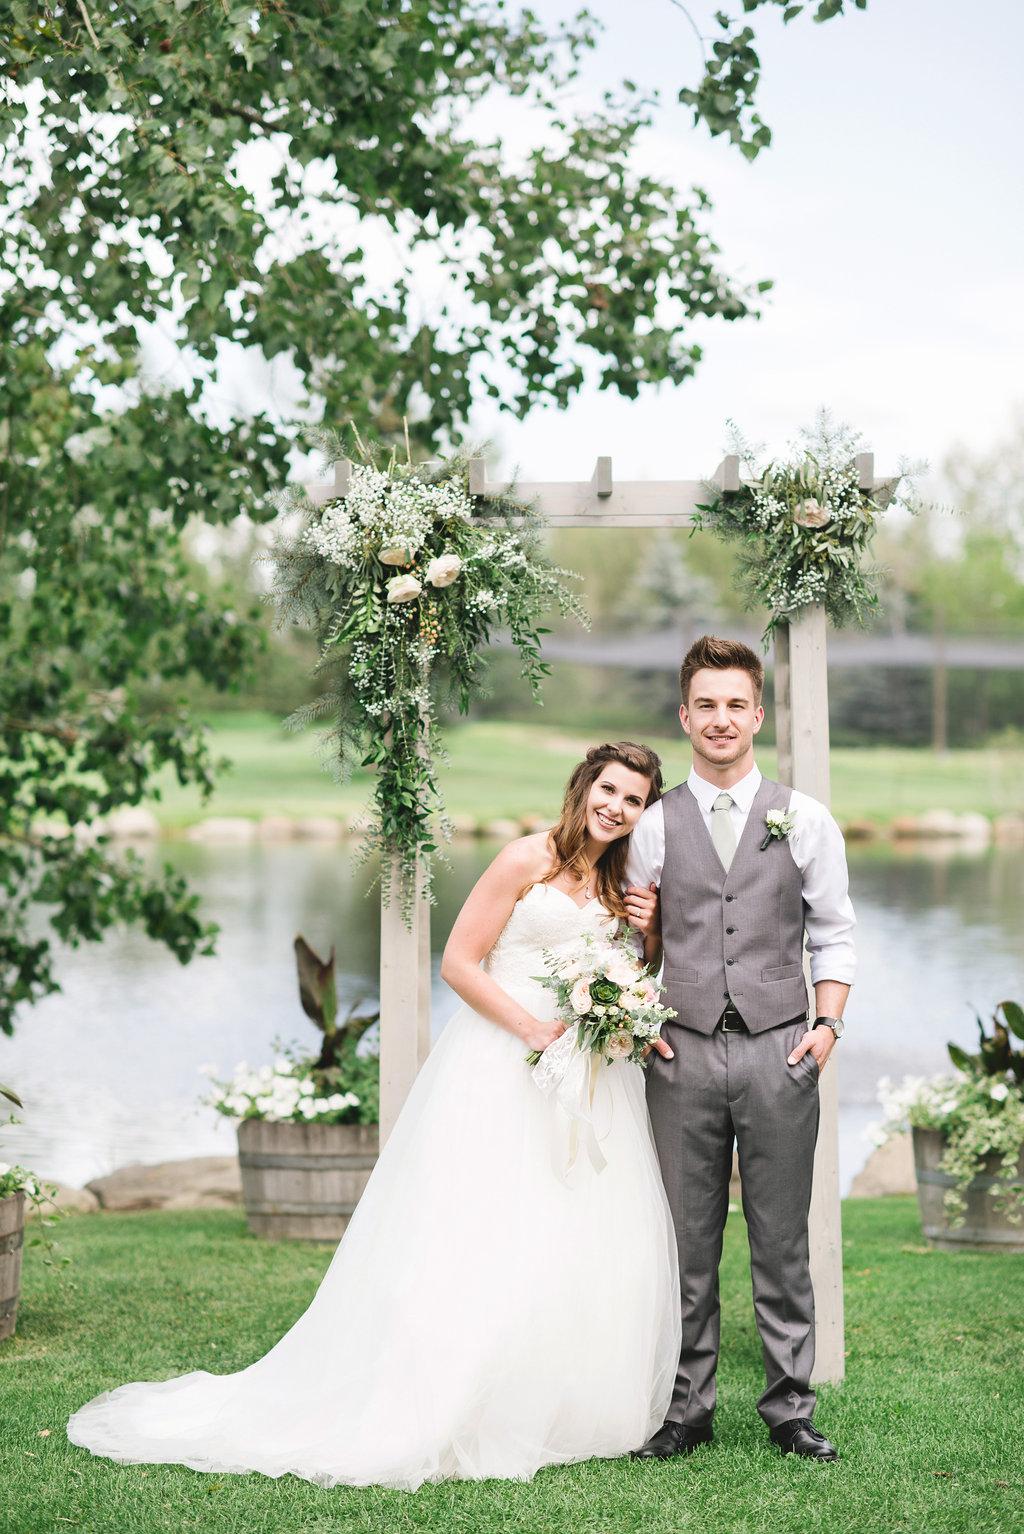 Calgary wedding arbour boutonnière and brides bouquet